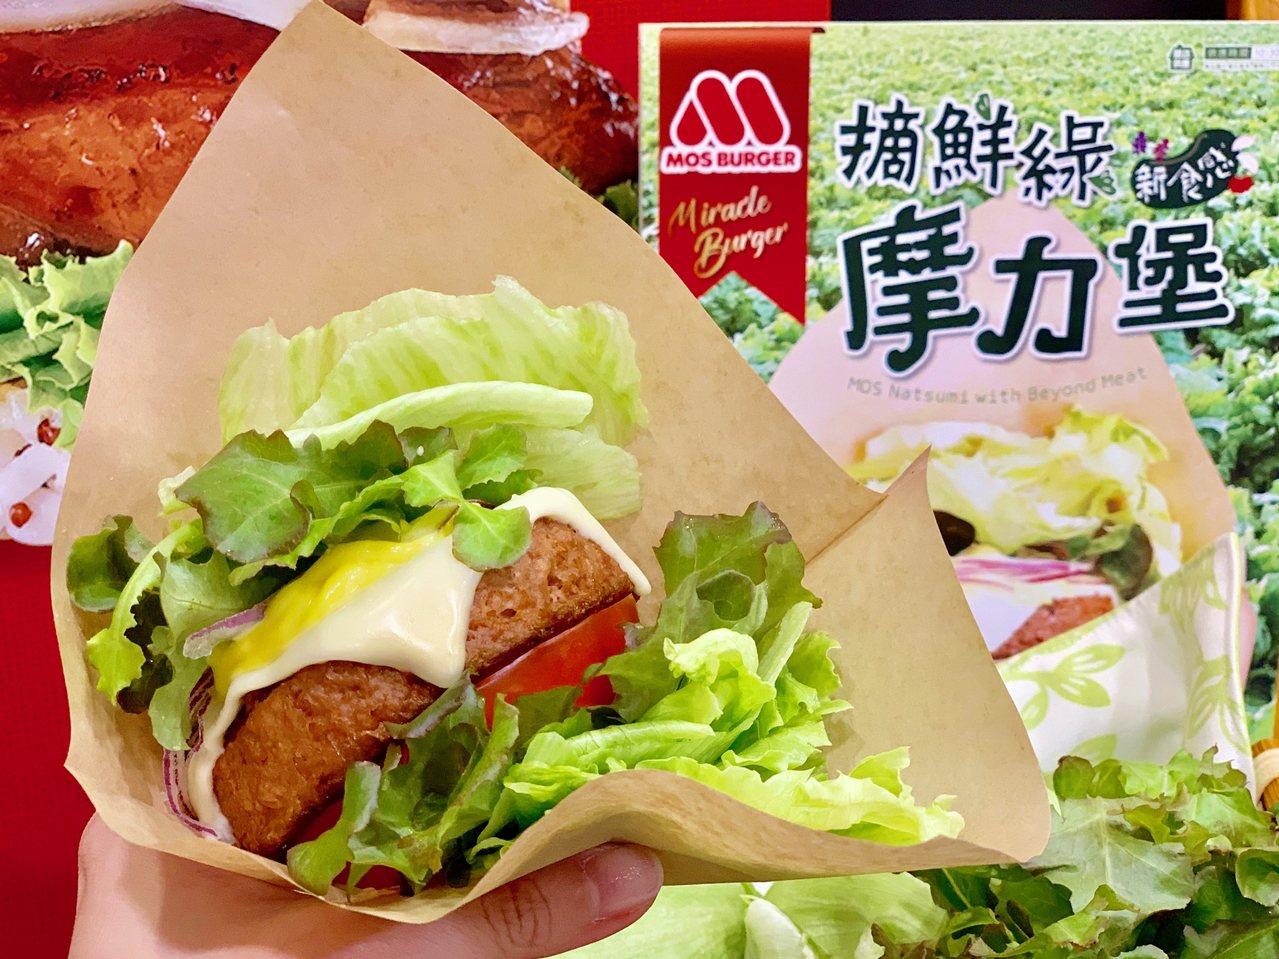 摩斯漢堡「摘鮮綠摩力堡」單點售價180元。記者張芳瑜/攝影